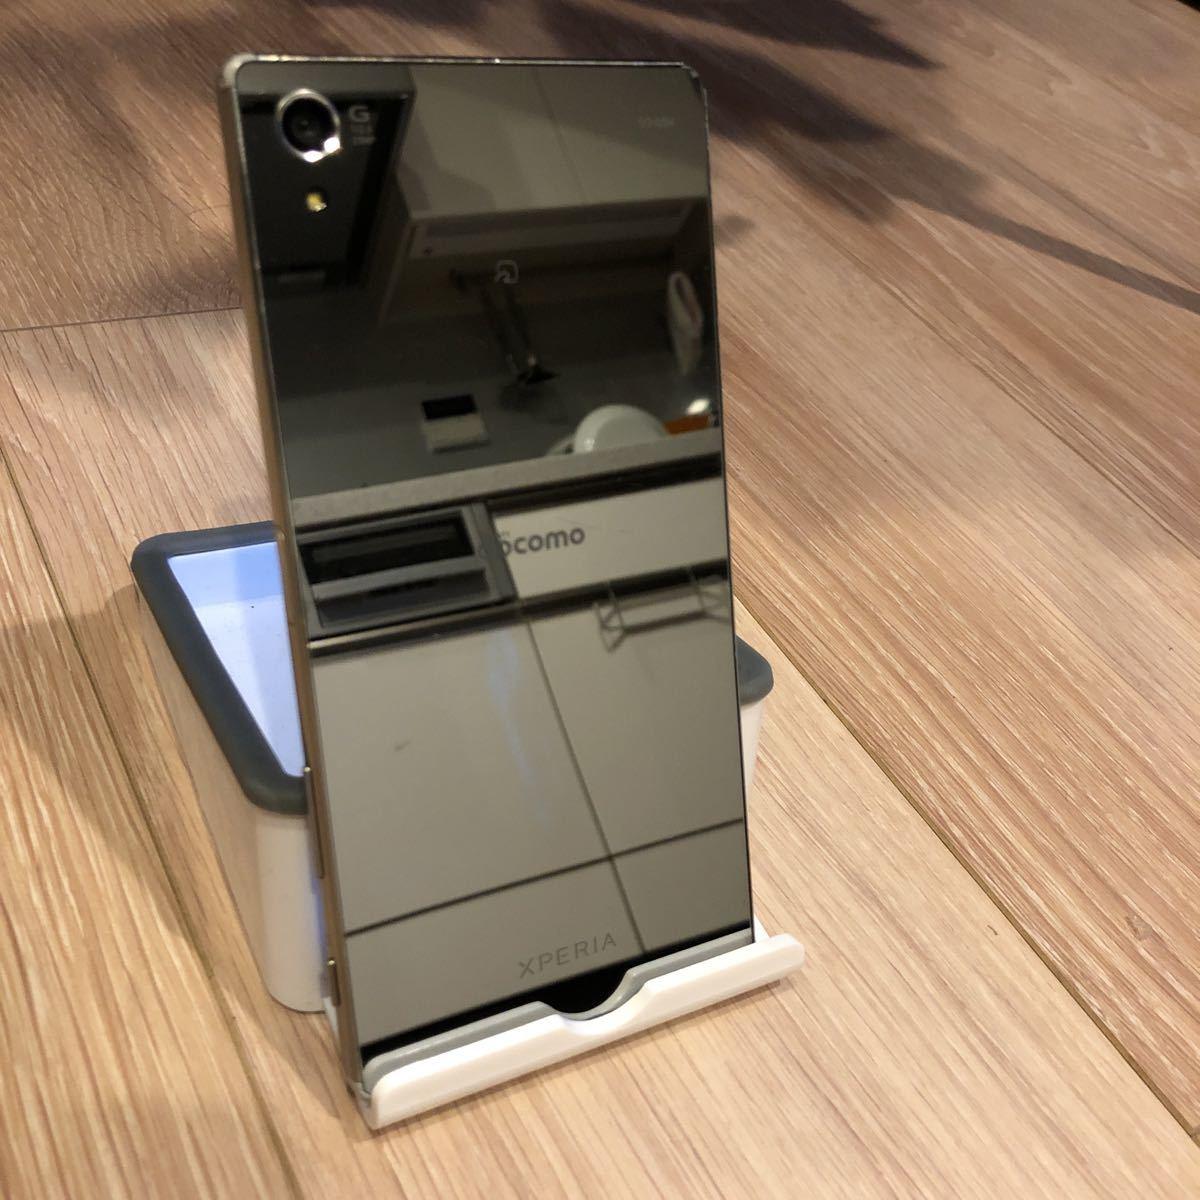 ★1円スタート!【即決あり】docomo/Sony Mobile Xperia Z5 Premium SO-03H(クローム)⑦_画像2